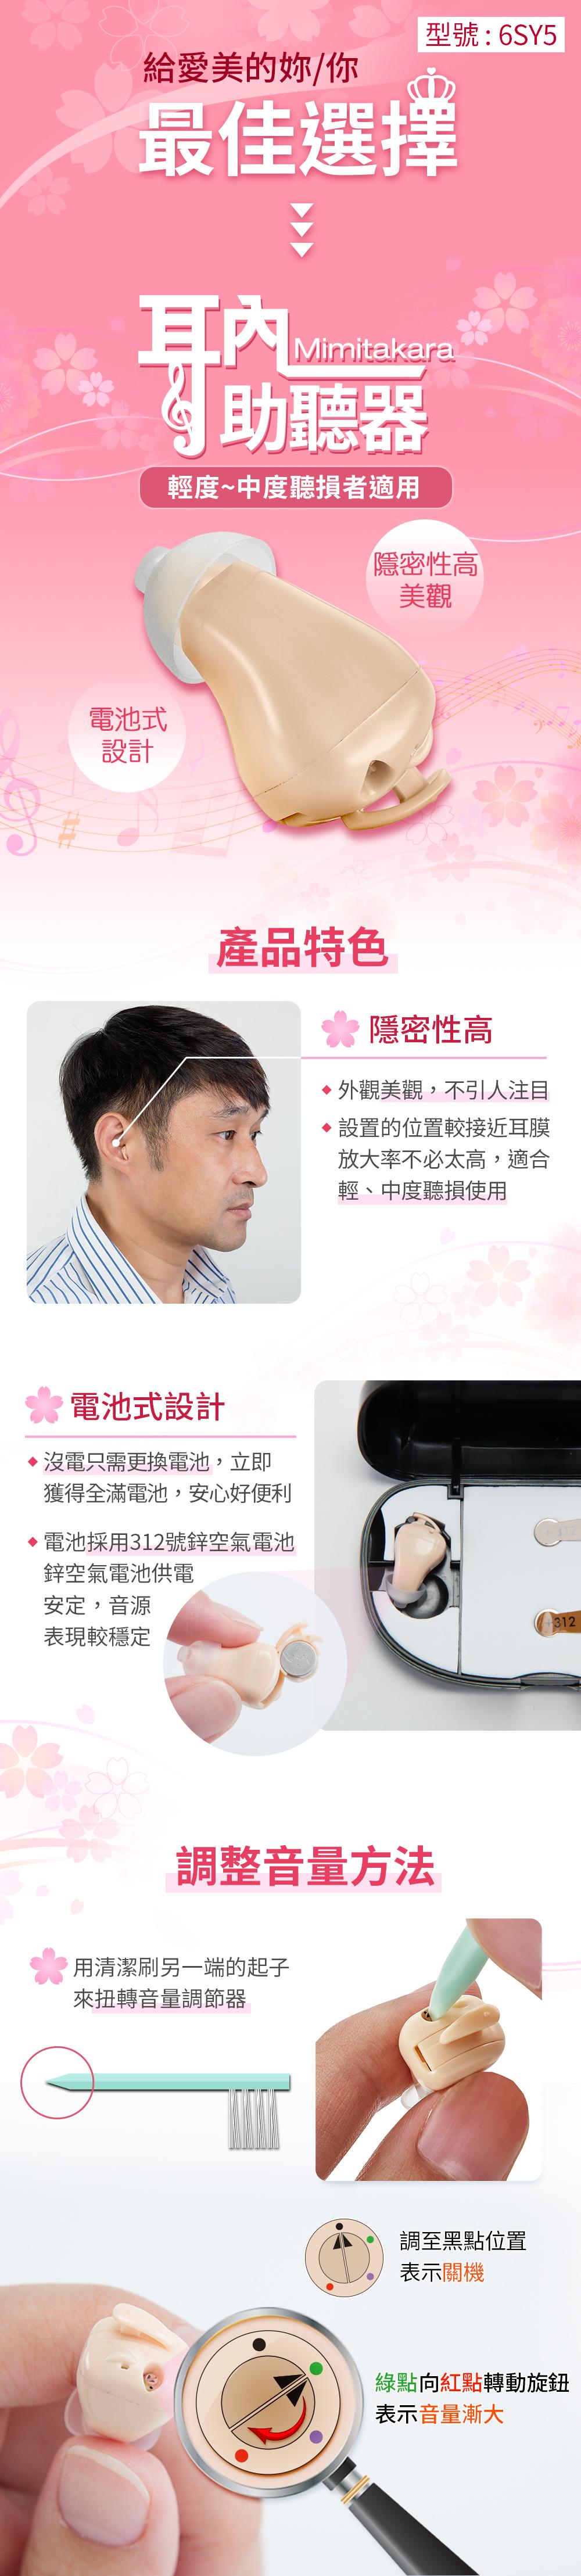 耳寶,6SY5,補助資訊,助聽器